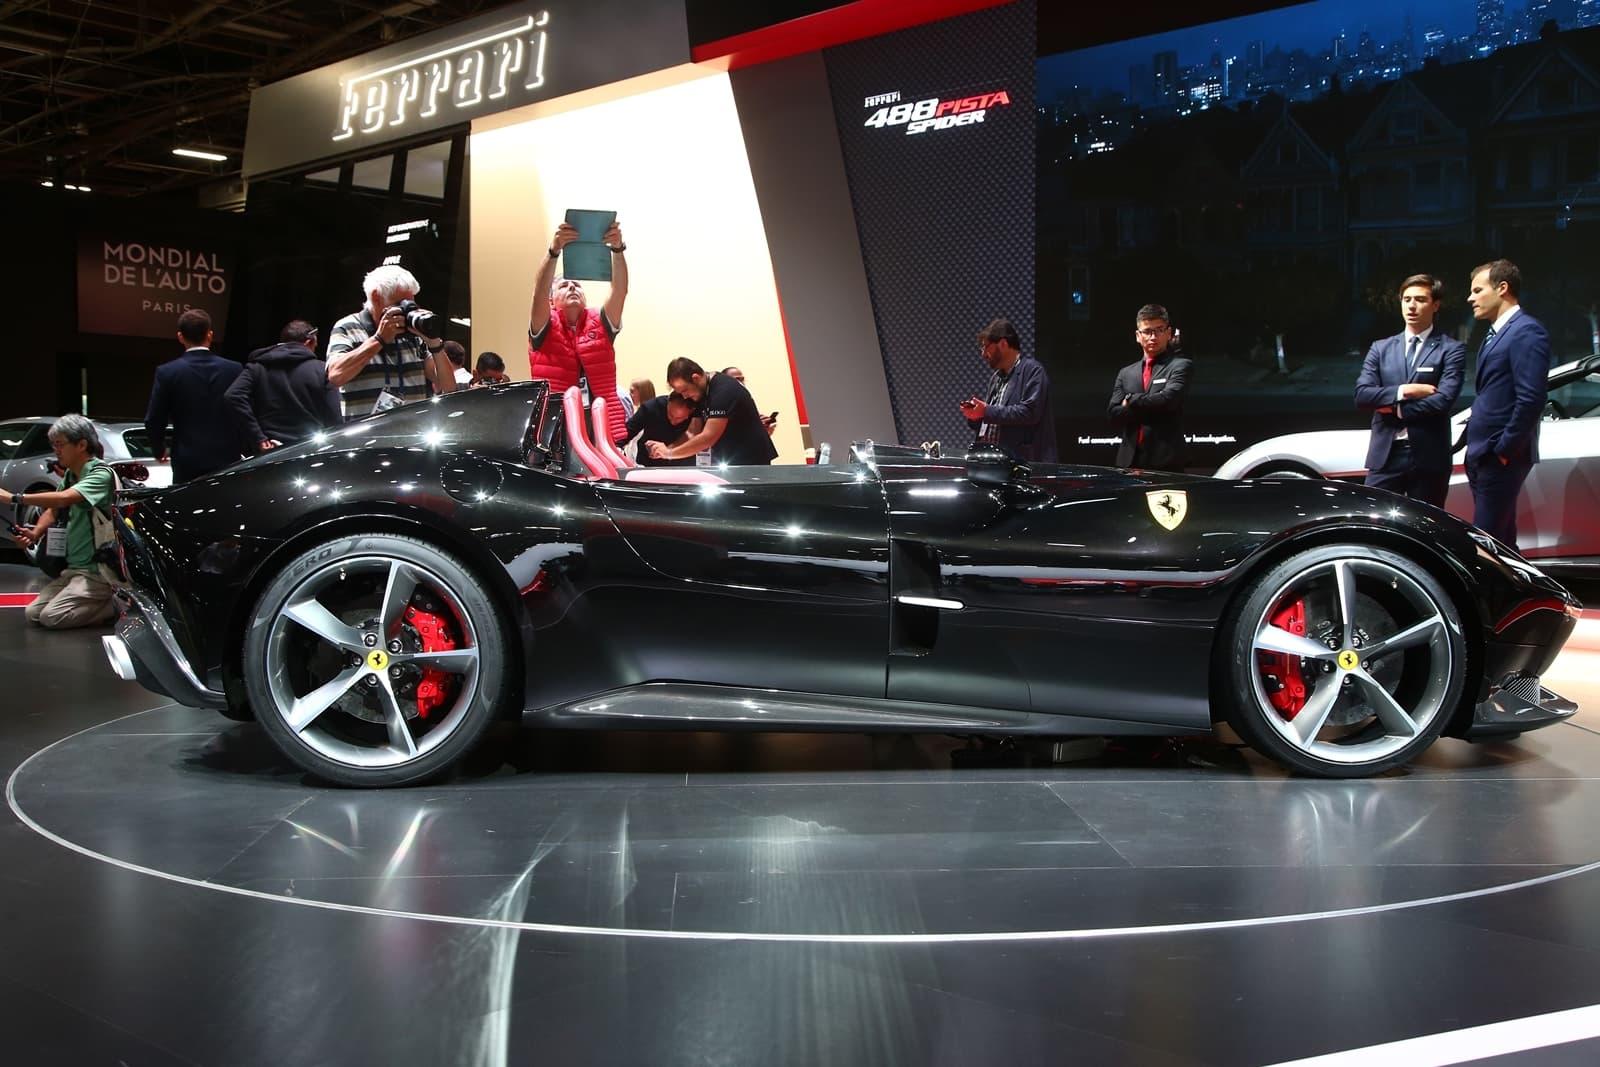 Ferrari Monza Sp1 Sp2 Paris 1018 010